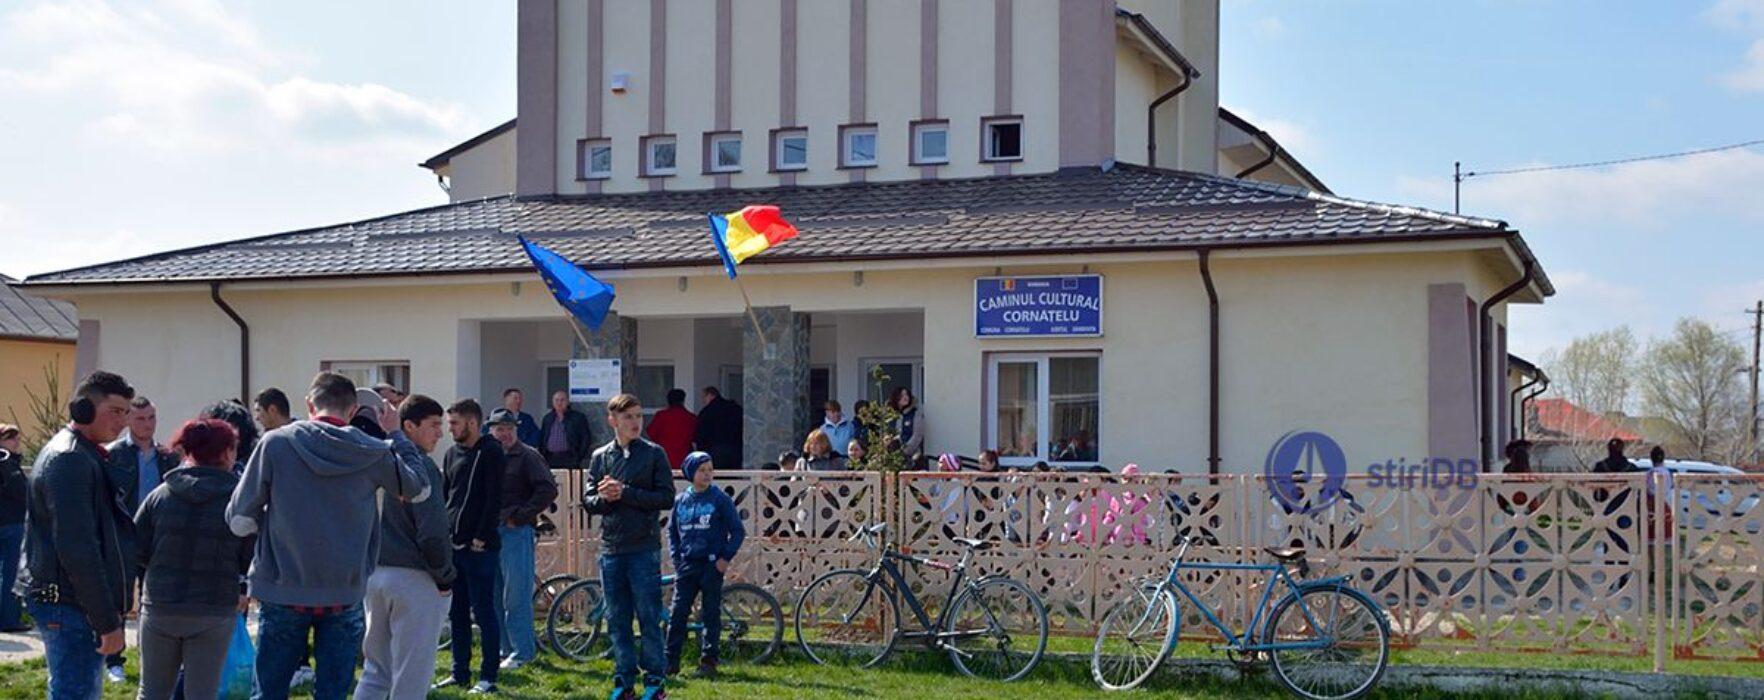 Dâmboviţa: Cămin cultural, reabilitat cu bani europeni la Cornăţelu